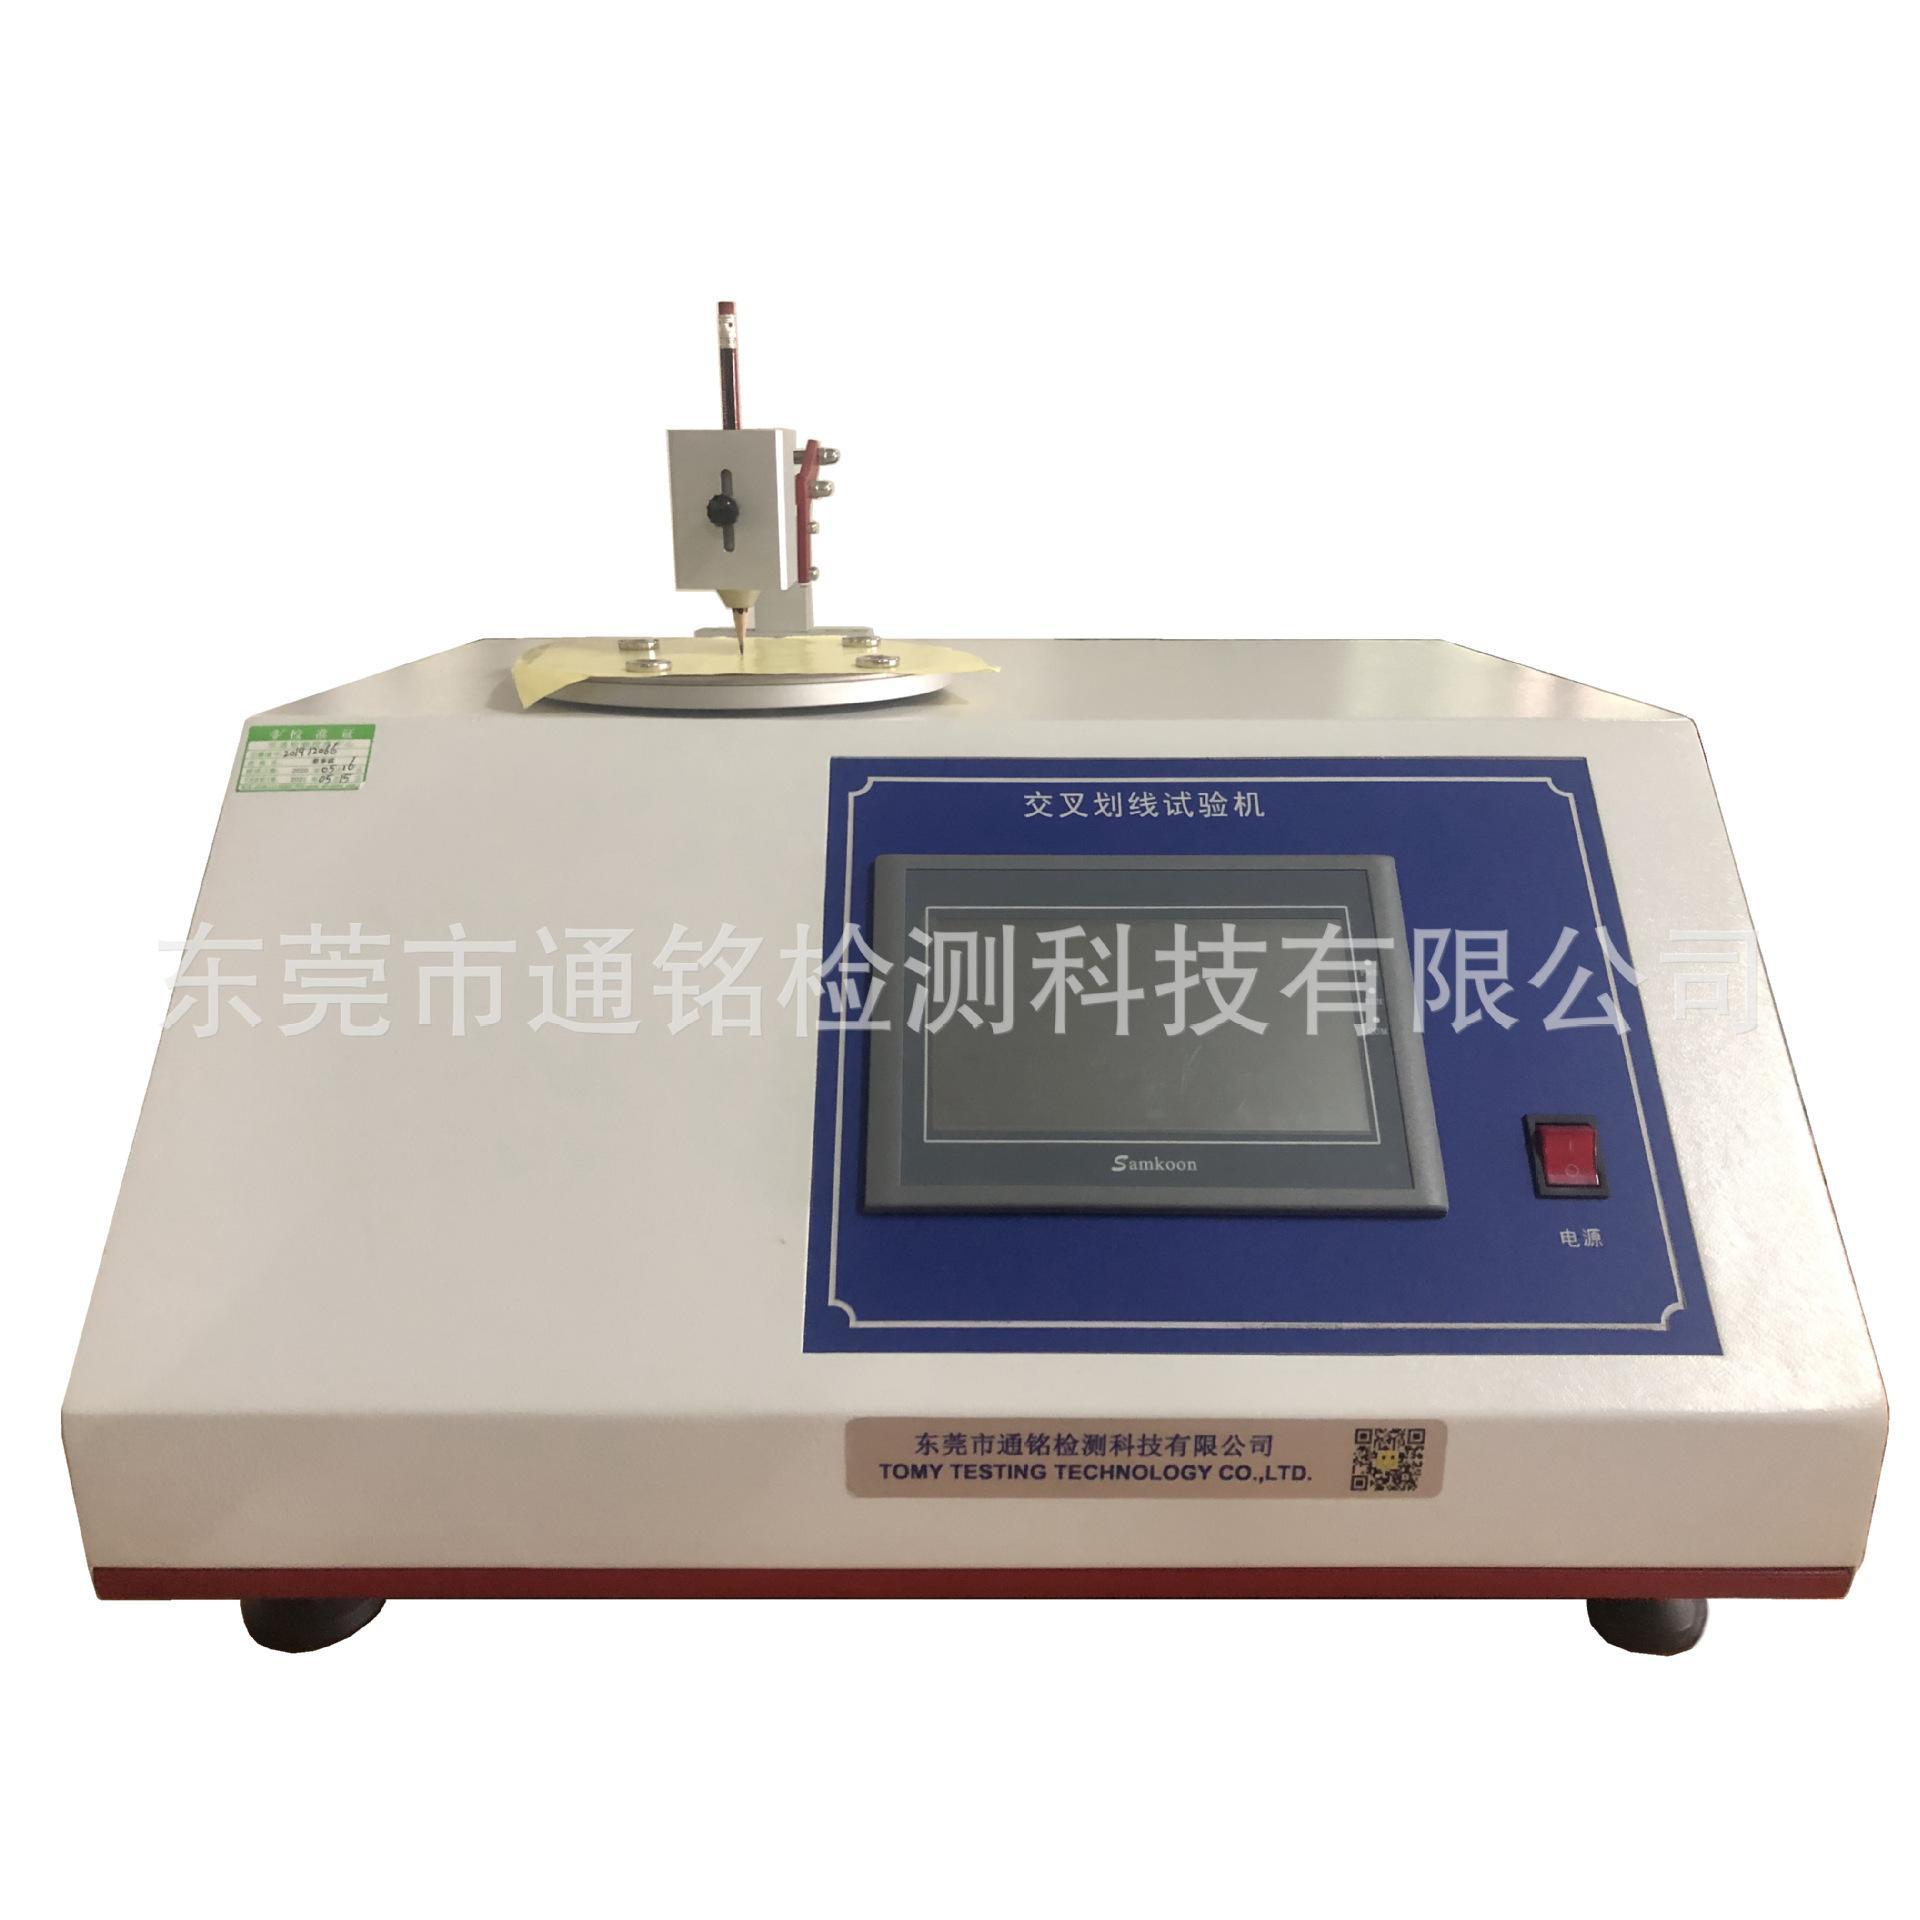 交叉劃線機,交叉劃線試驗儀,QB/T 1024,QB/T 2774-專業文具檢測廠 1